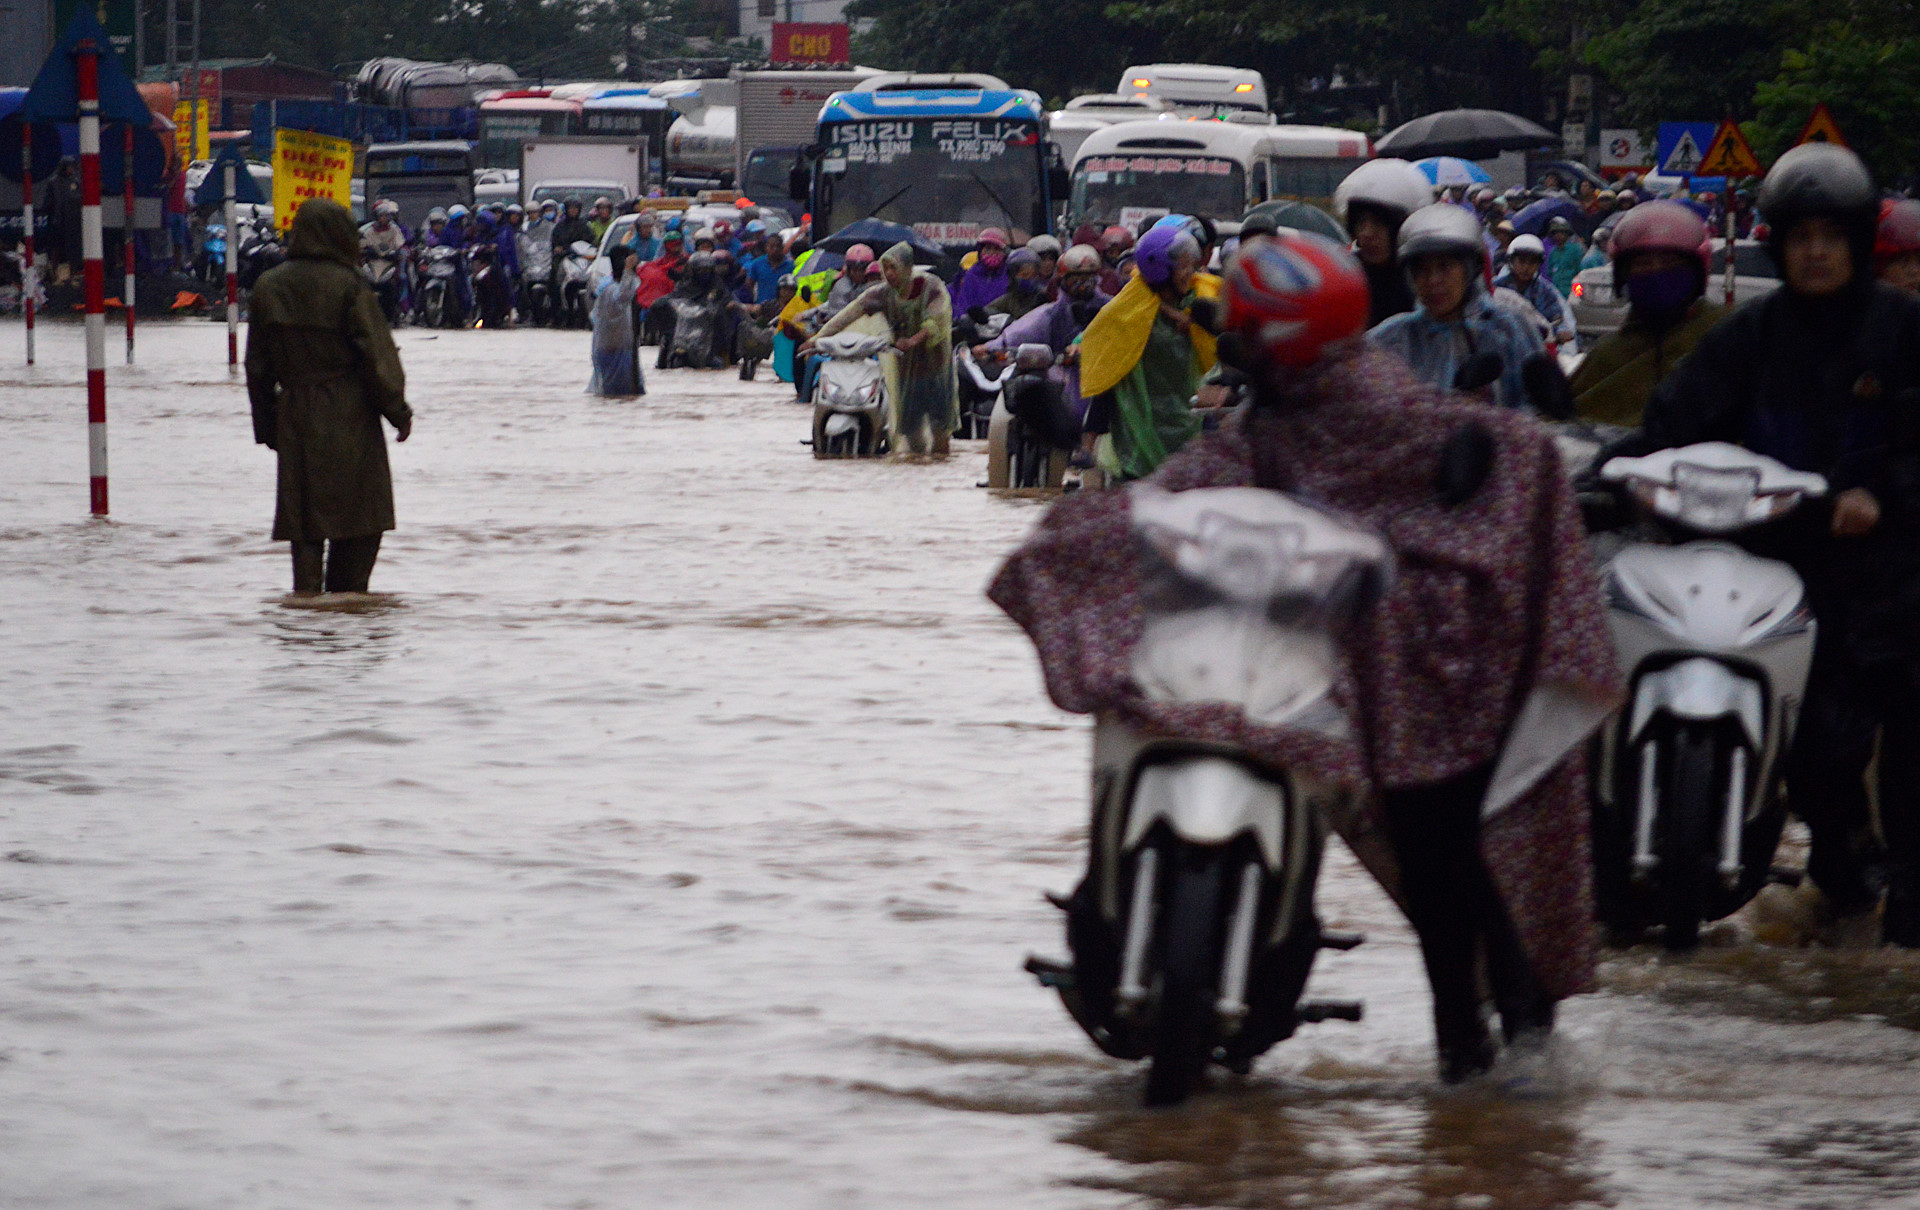 Dòng xe ùn tắc 2 km trong cảnh ngập lụt